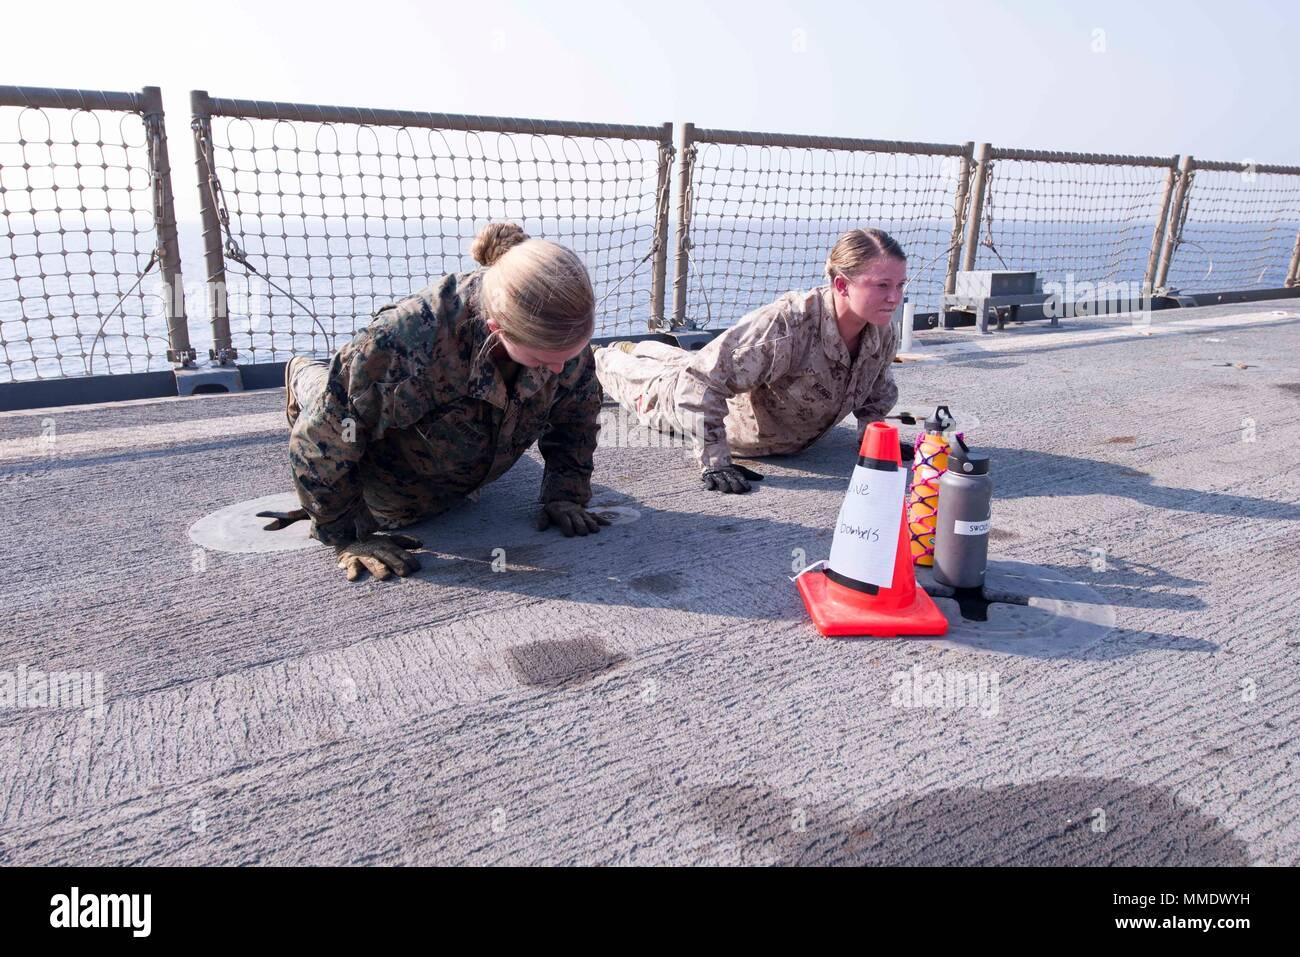 171019-N-UK248-058 U.S. 5ÈME ZONE DES OPÉRATIONS DE LA FLOTTE (oct. 19, 2017) Marine Cpl. Caitlin McCoy (à droite), natif de Plymouth, Massachusetts, et lance le Cpl. Foi Swoverland, originaire de Mishawaka, Indiana, tous deux affectés à la 15e Marine Expeditionary Unit (MEU) à bord du navire de débarquement quai amphibie USS Pearl Harbor (LSD 52), bombardier en piqué pendant la pratique pushups Marine Corps Programme d'Arts Martiaux (MCMAP) circuit training sur le pont d'envol du navire. Pearl Harbor est une partie de l'Amérique du groupe amphibie (ARG) et, avec l'entrepris 15e MEU, est déployé à l'appui de la sûreté maritime opera Photo Stock